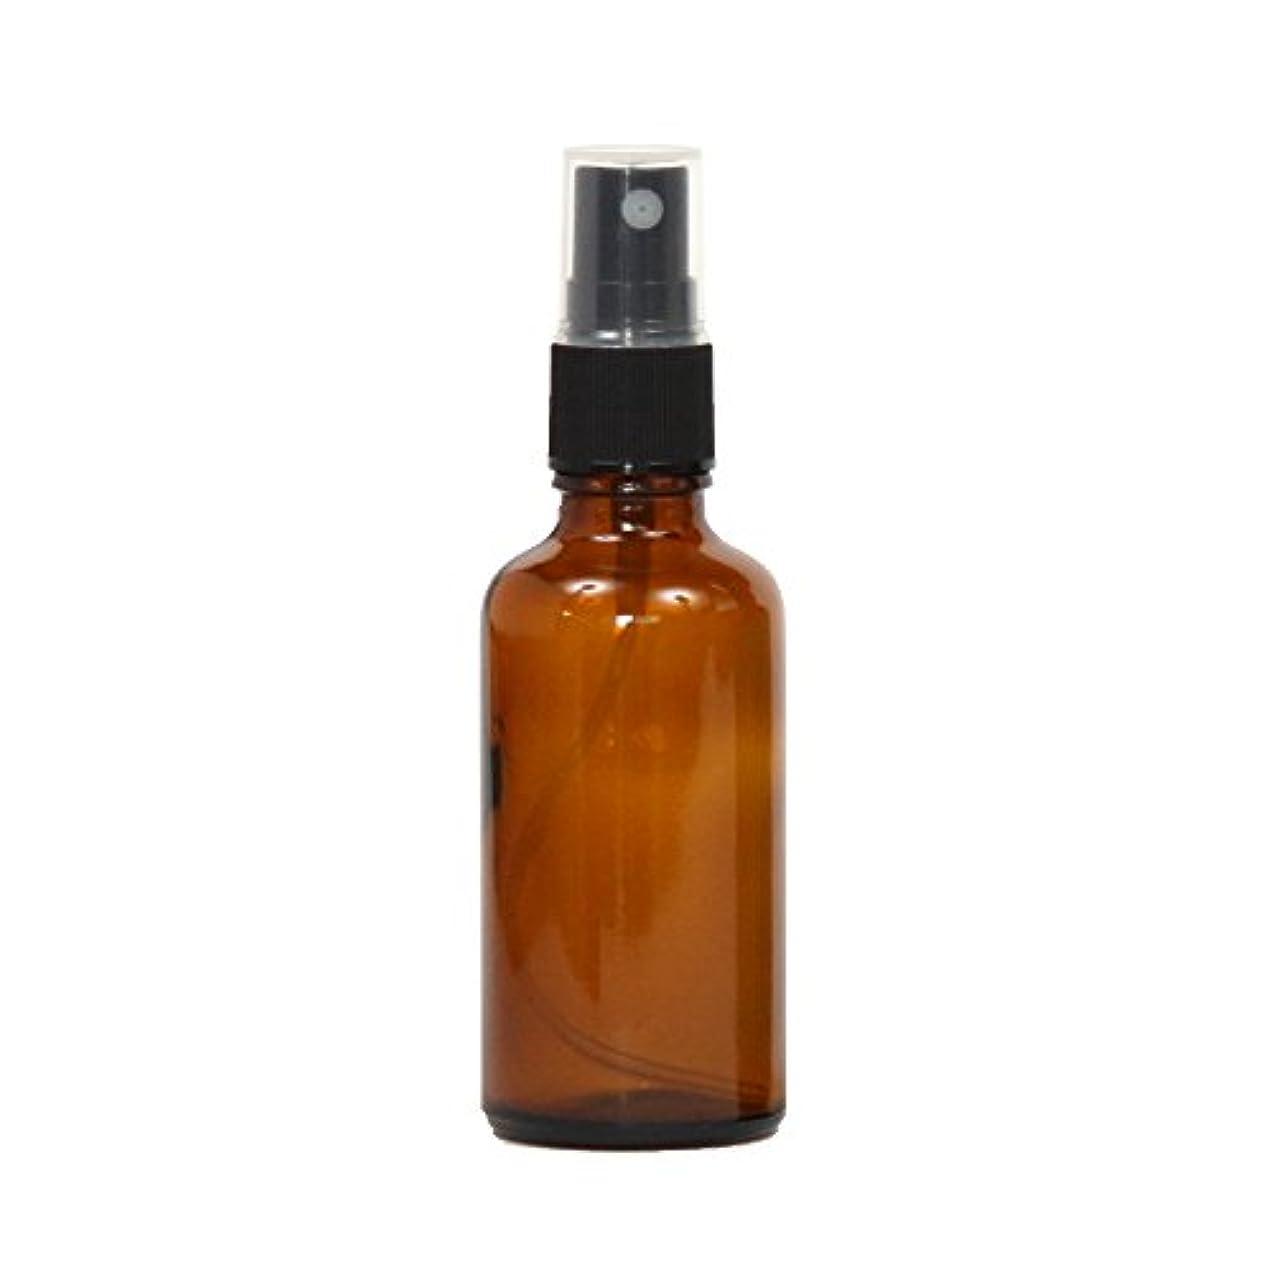 無光沢背骨スプレーボトル ガラス瓶 50mL 遮光性ブラウン(アンバー) おしゃれアトマイザー ミスト空容器br50g